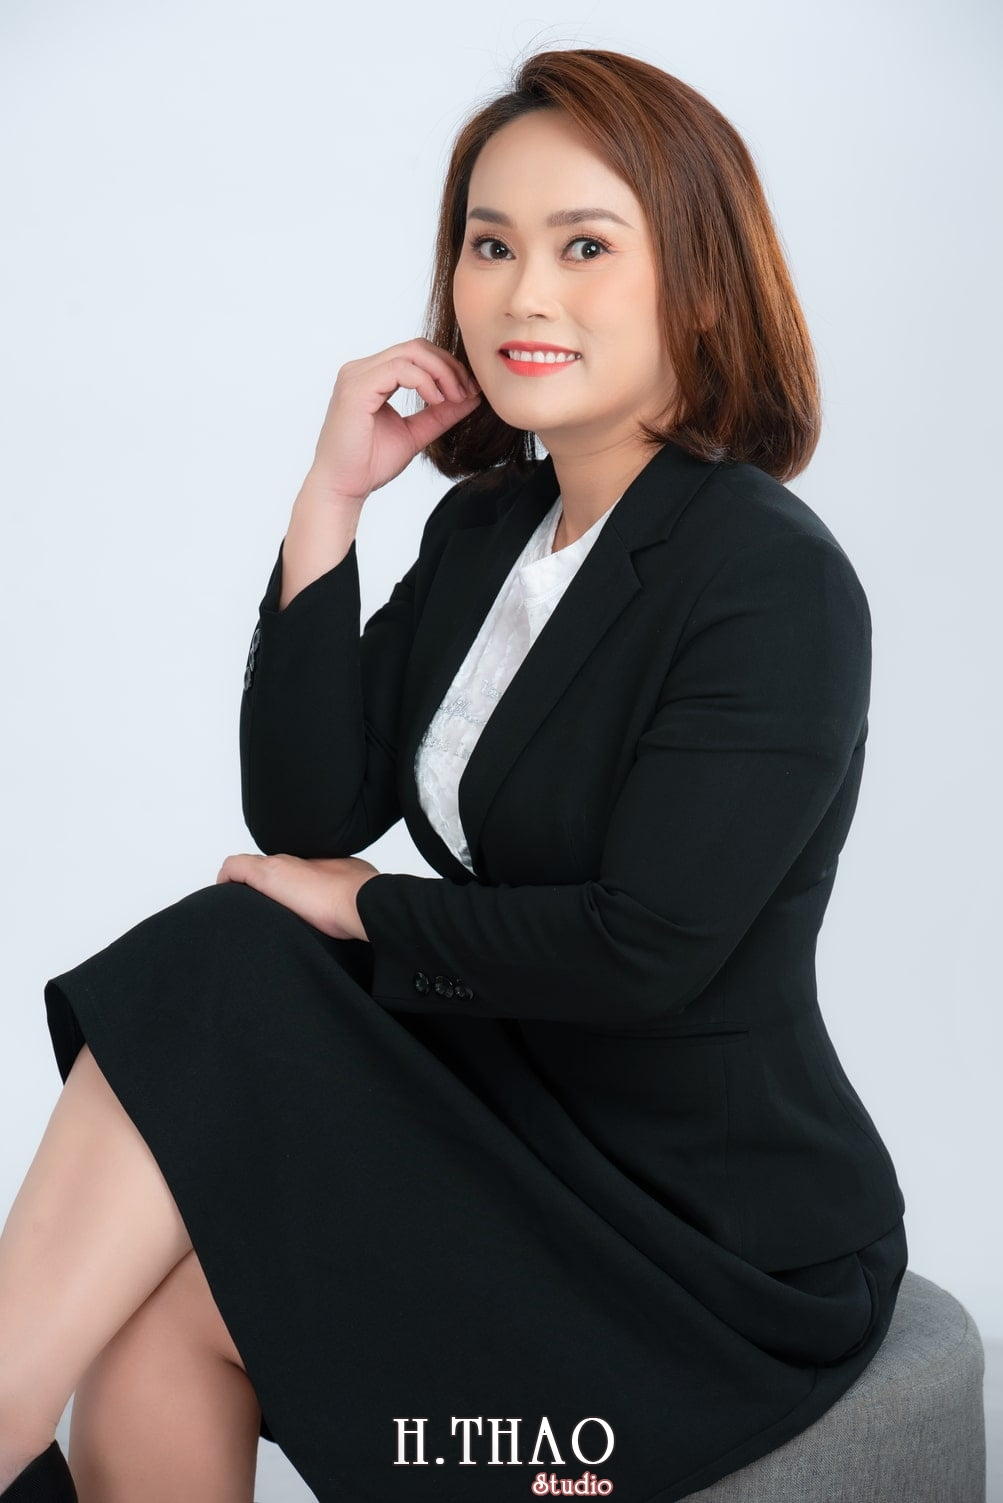 Chi Kim 8 - Album ảnh doanh nhân nữ: chị Kim đẹp nhẹ nhàng - HThao Studio